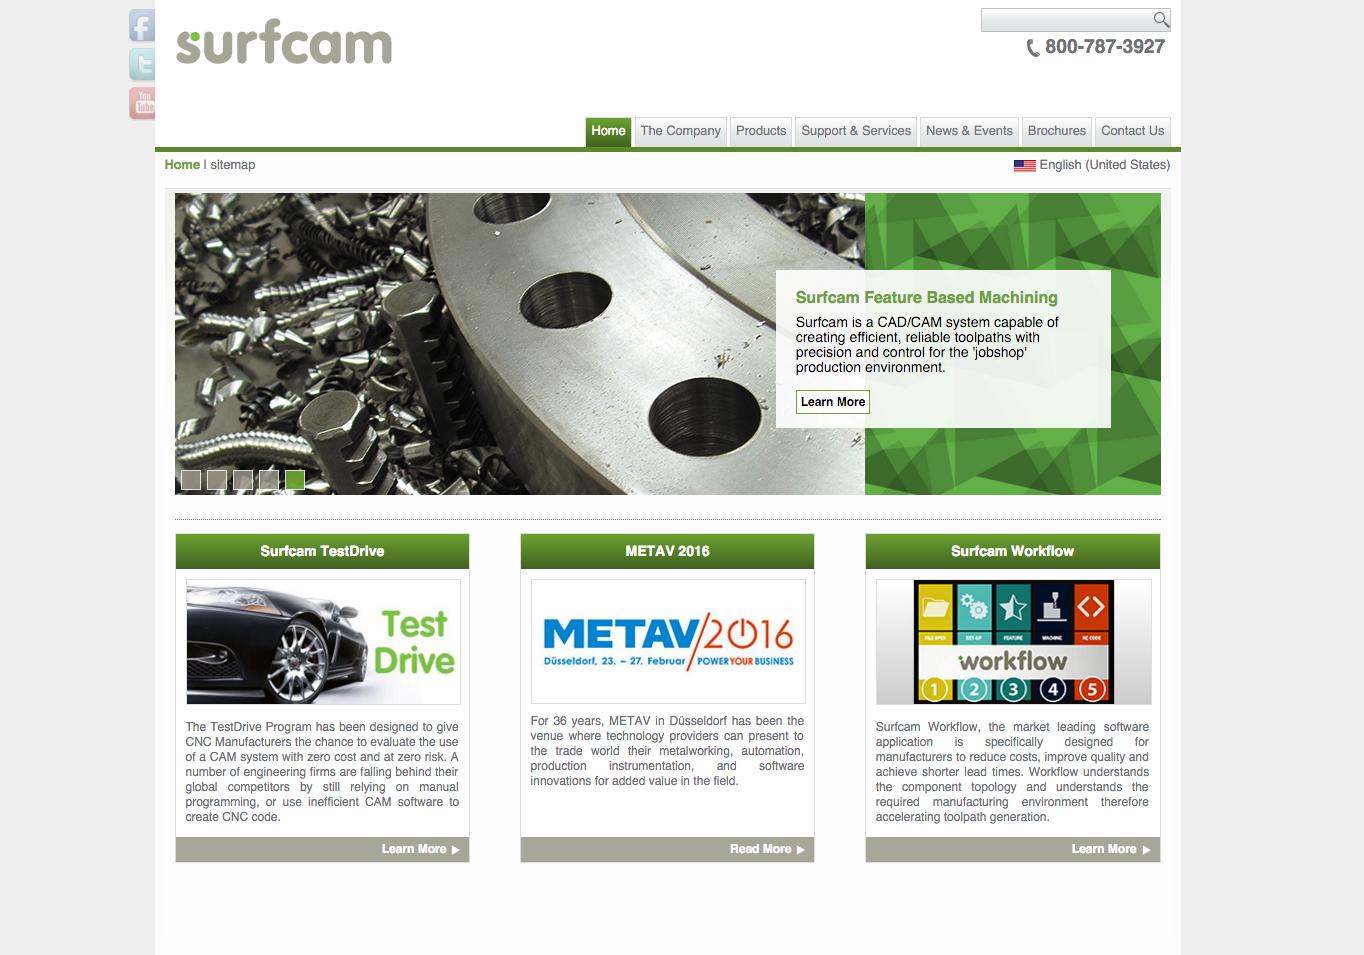 surfcam website